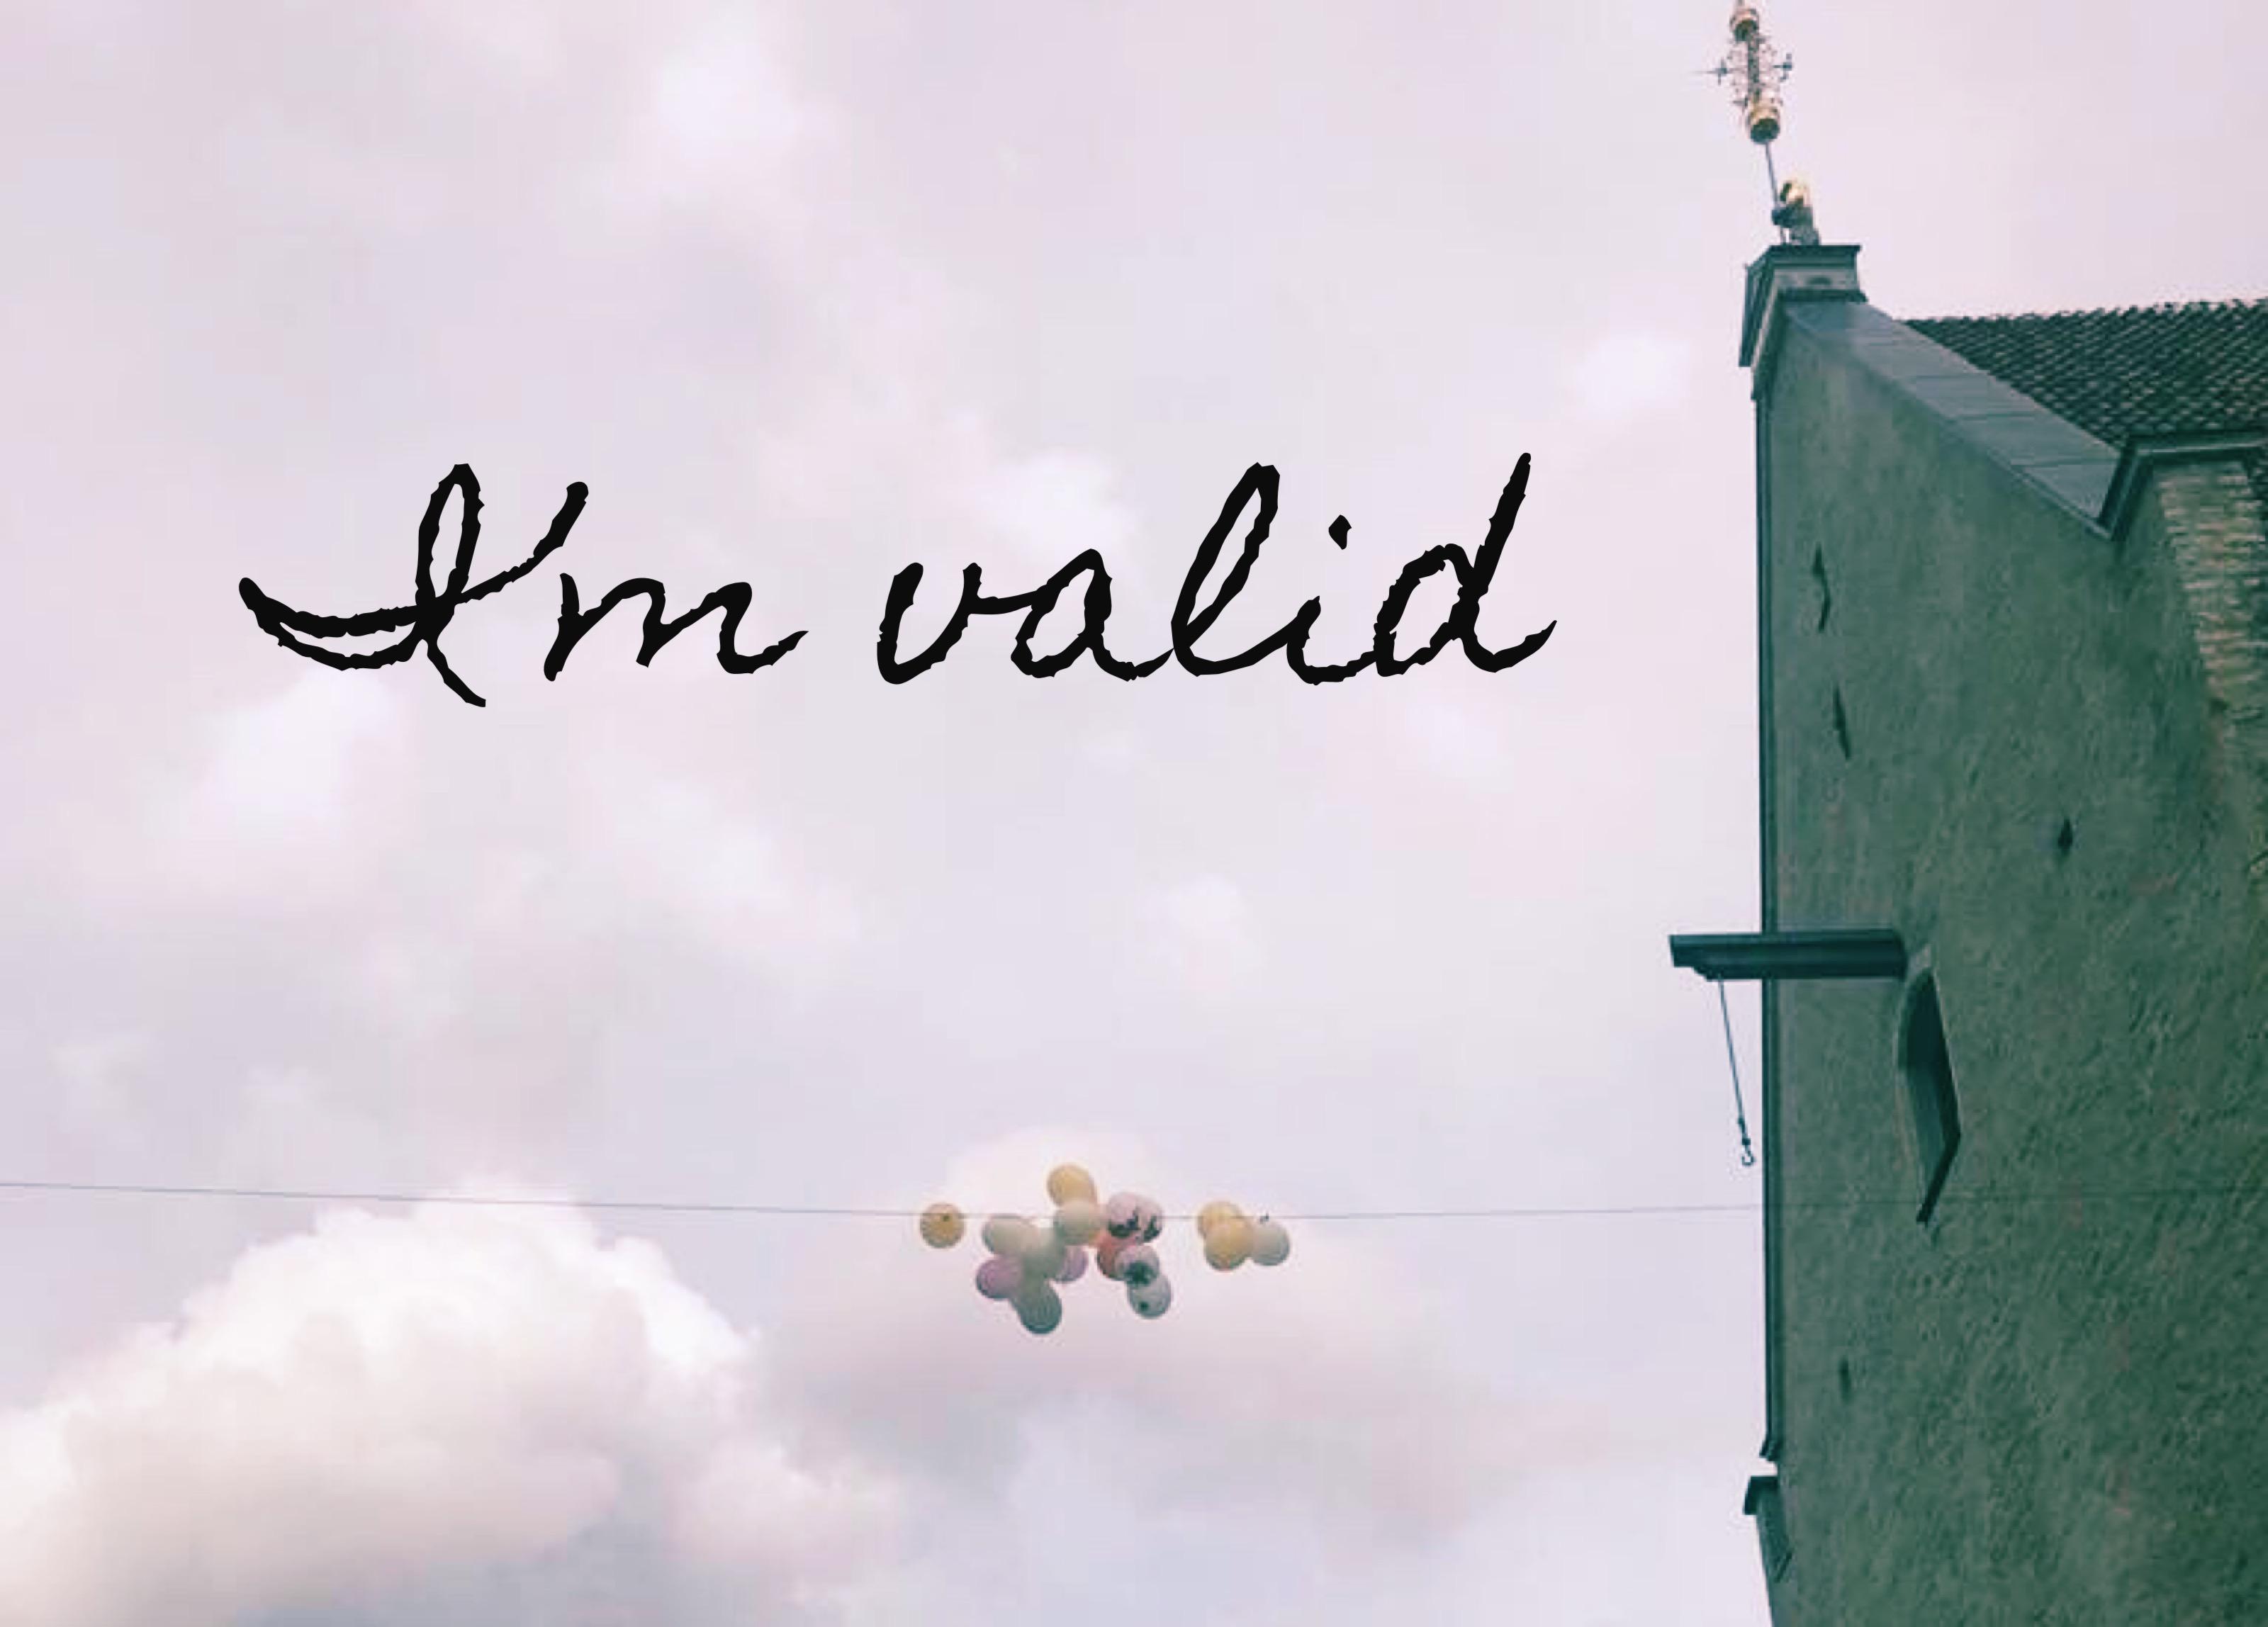 I'm valid